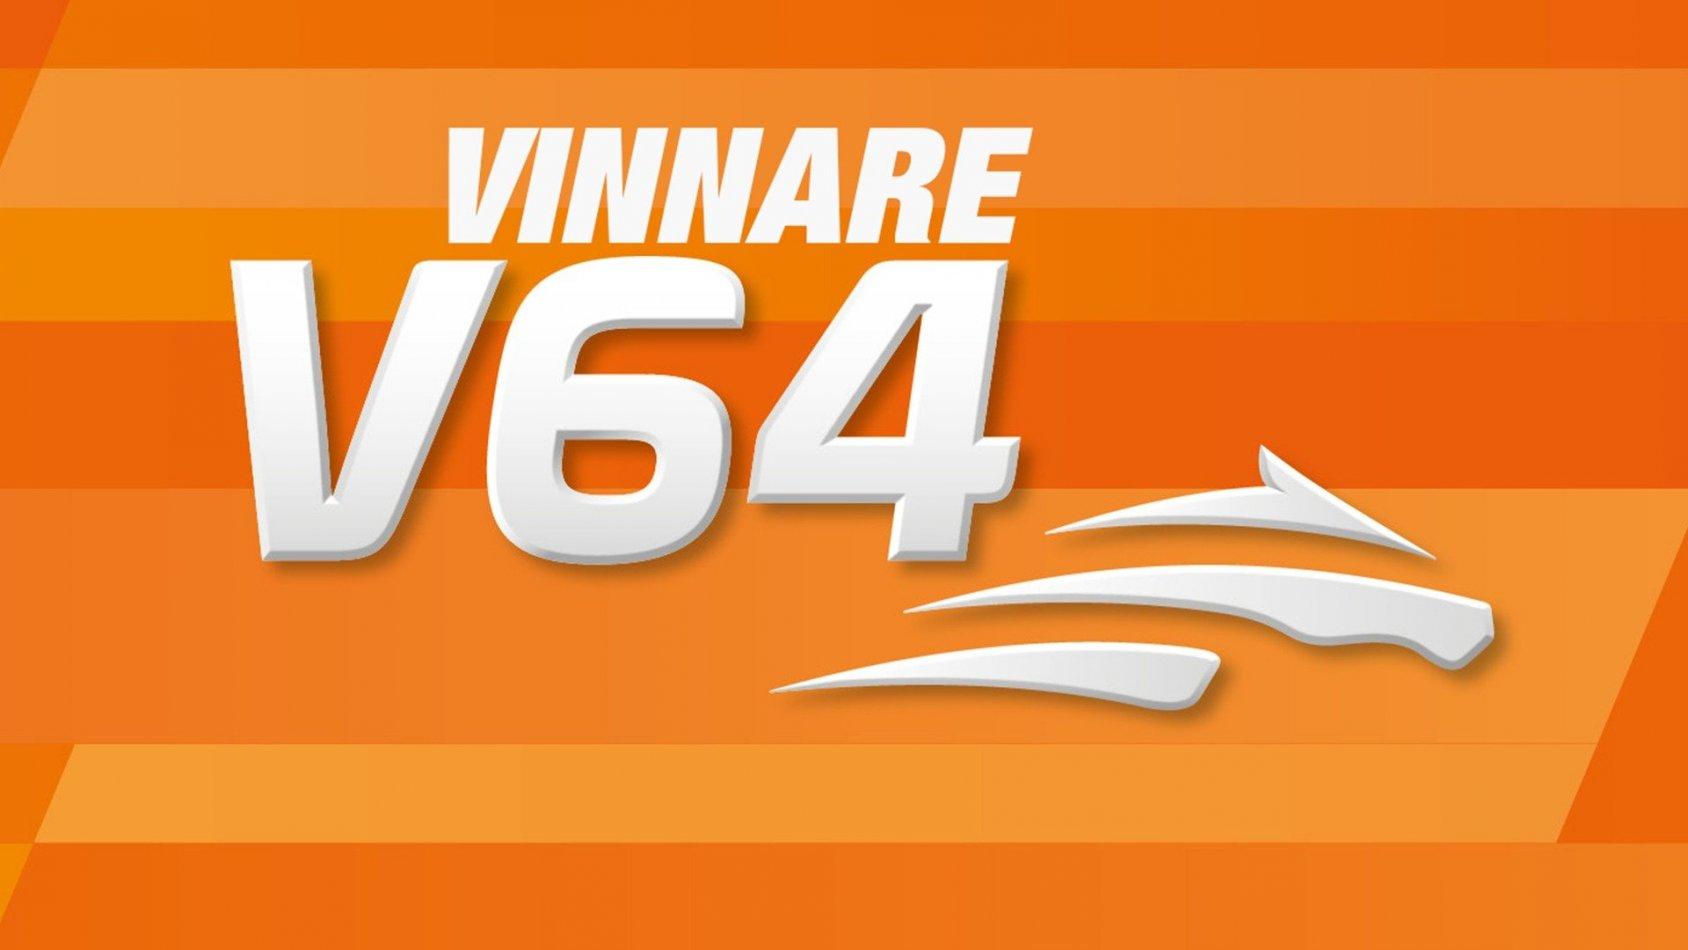 Vinnare: V64